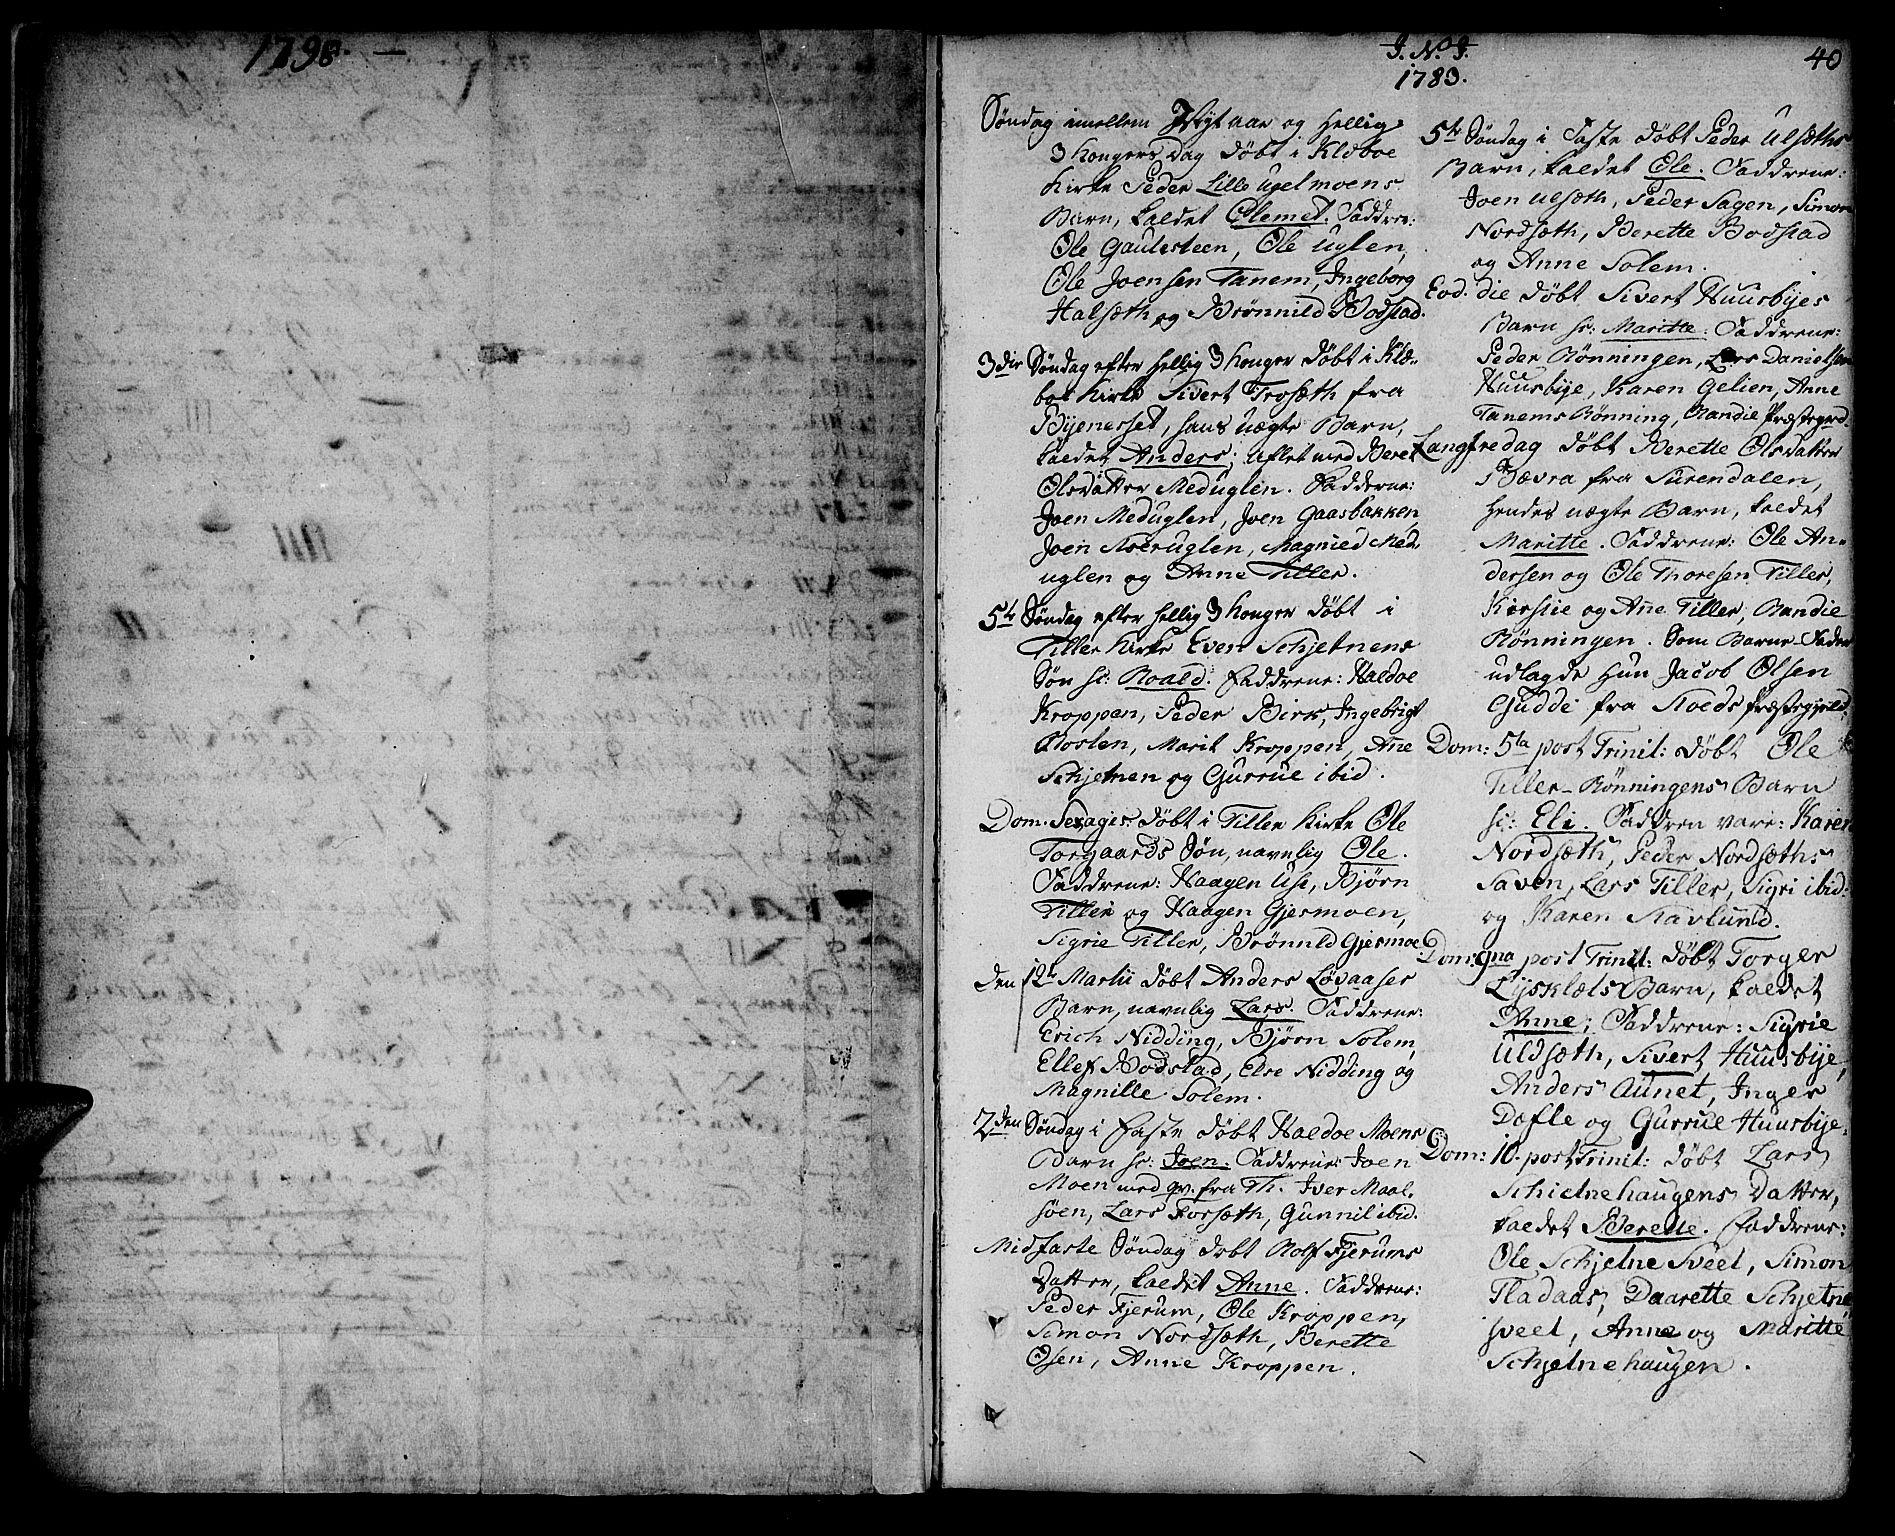 SAT, Ministerialprotokoller, klokkerbøker og fødselsregistre - Sør-Trøndelag, 618/L0438: Ministerialbok nr. 618A03, 1783-1815, s. 40